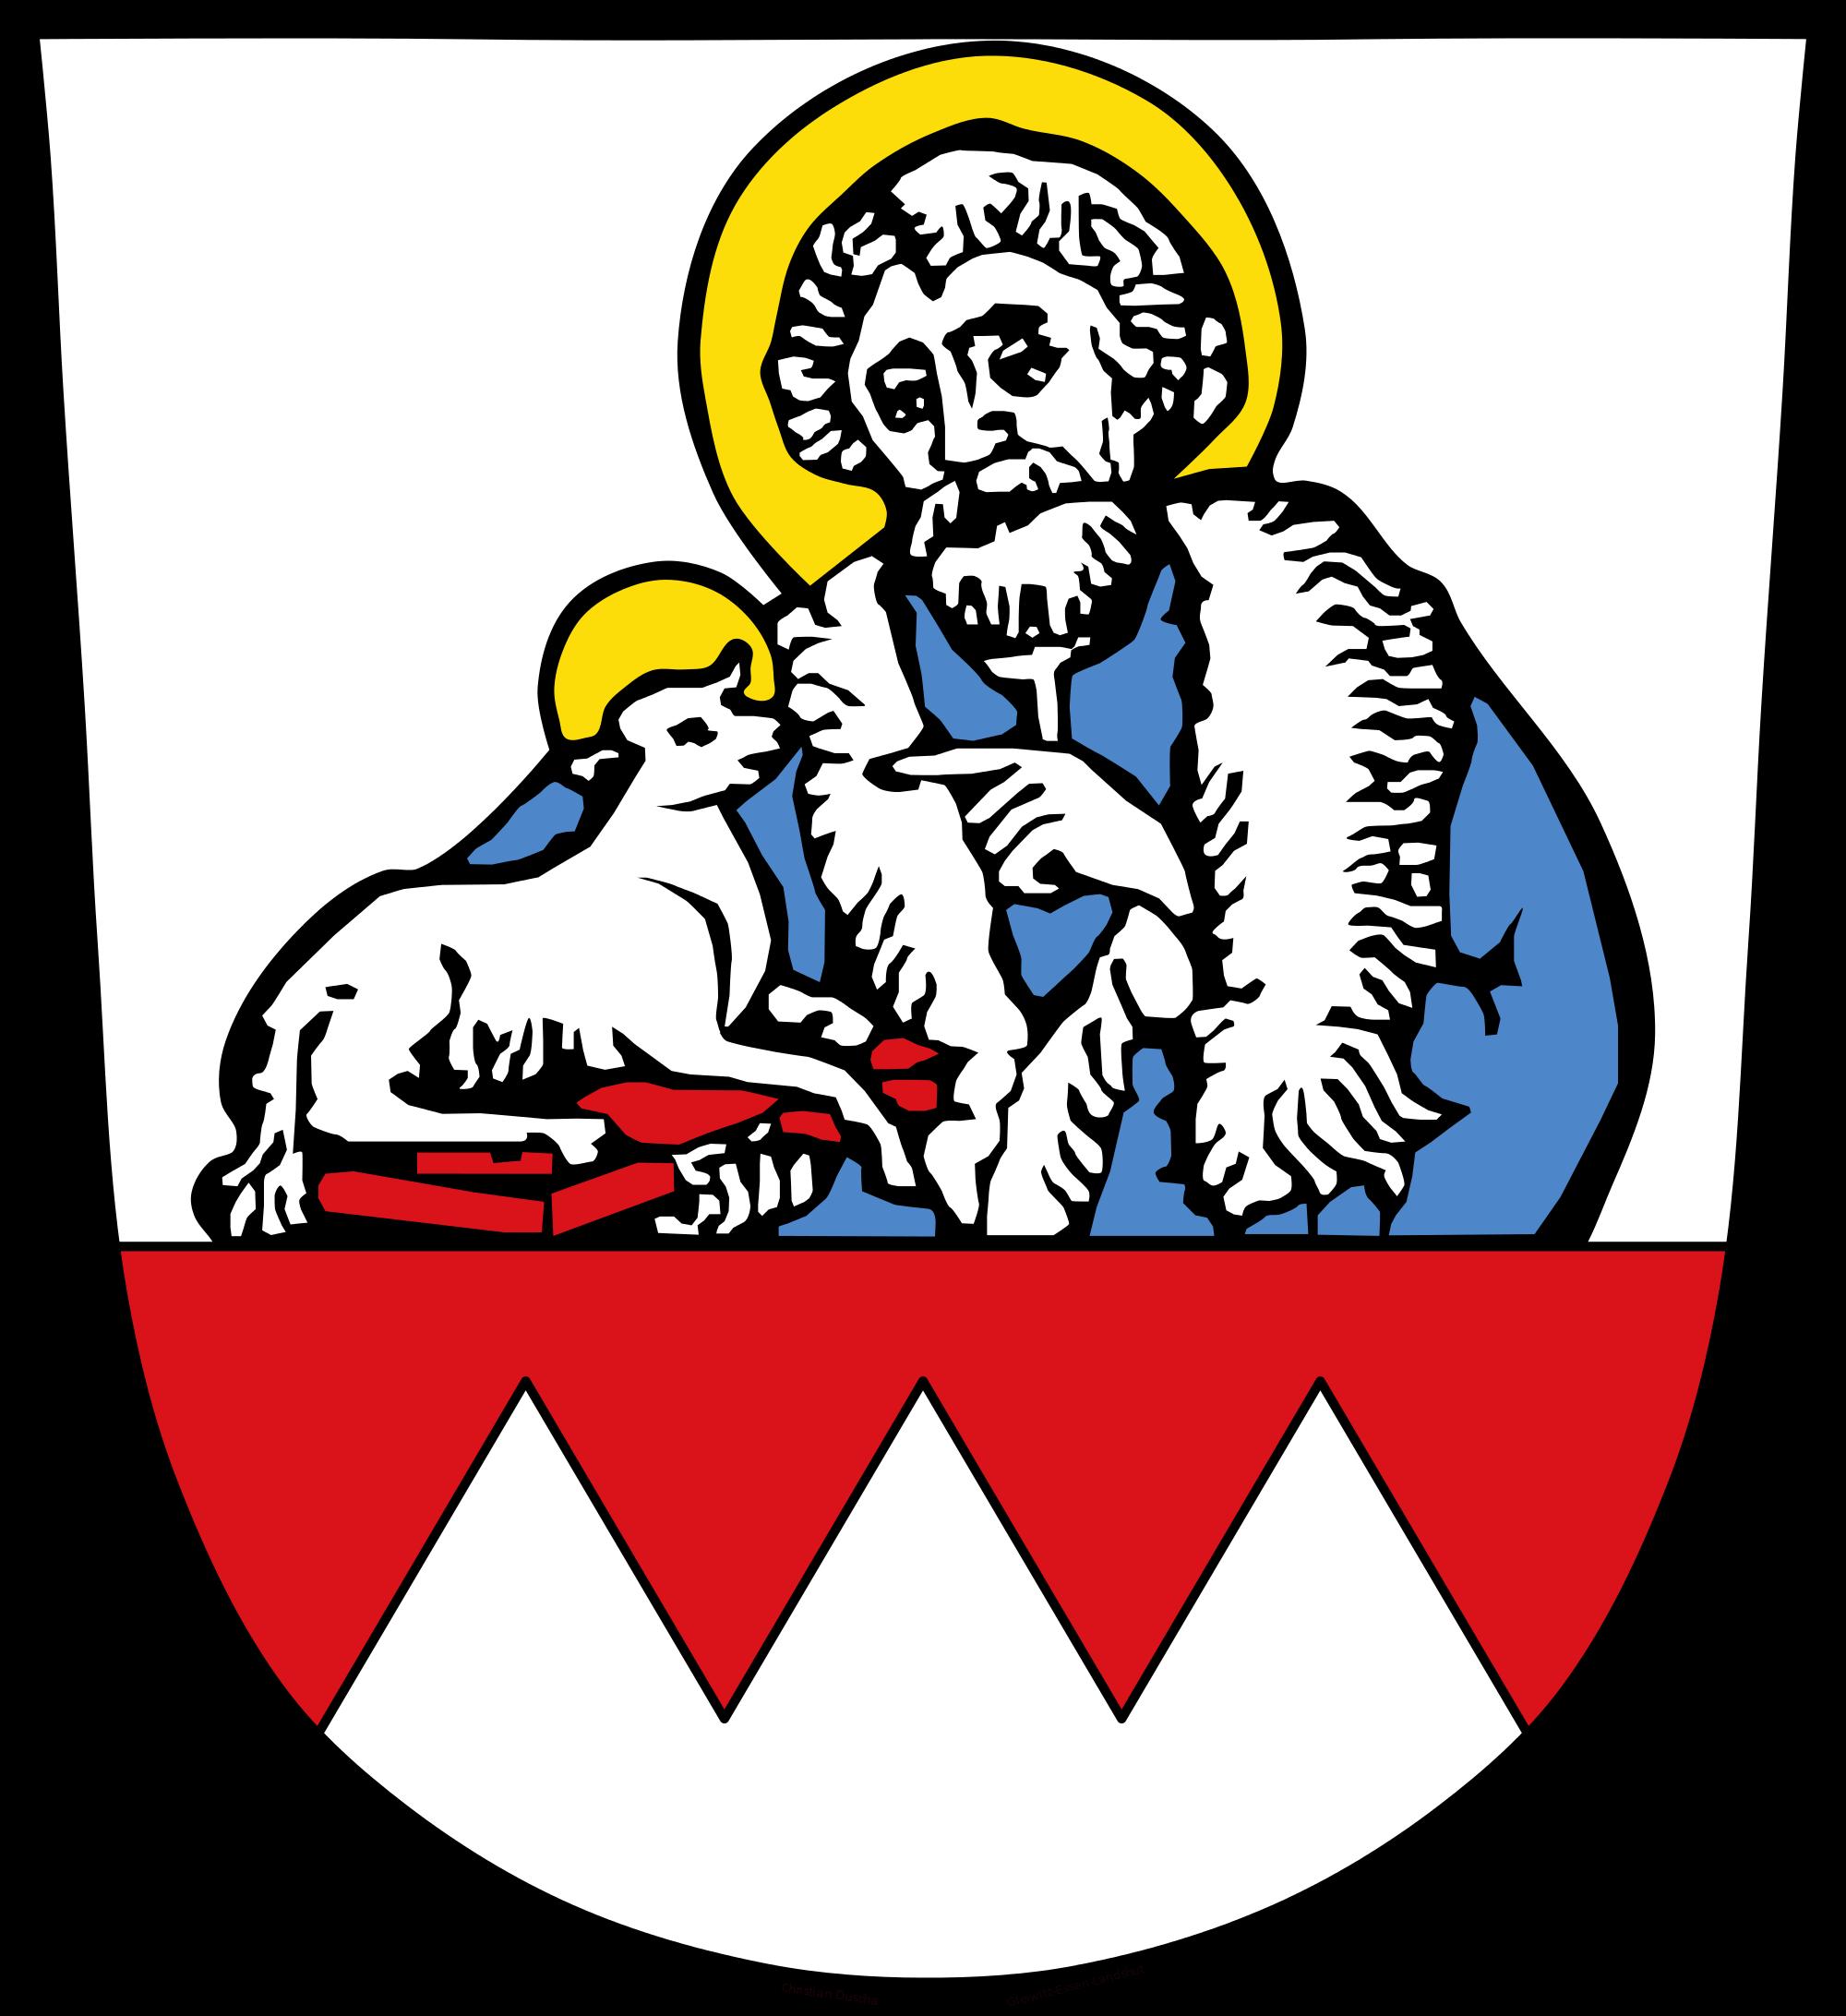 File:Wappen von Hofheim (Unterfranken).svg.